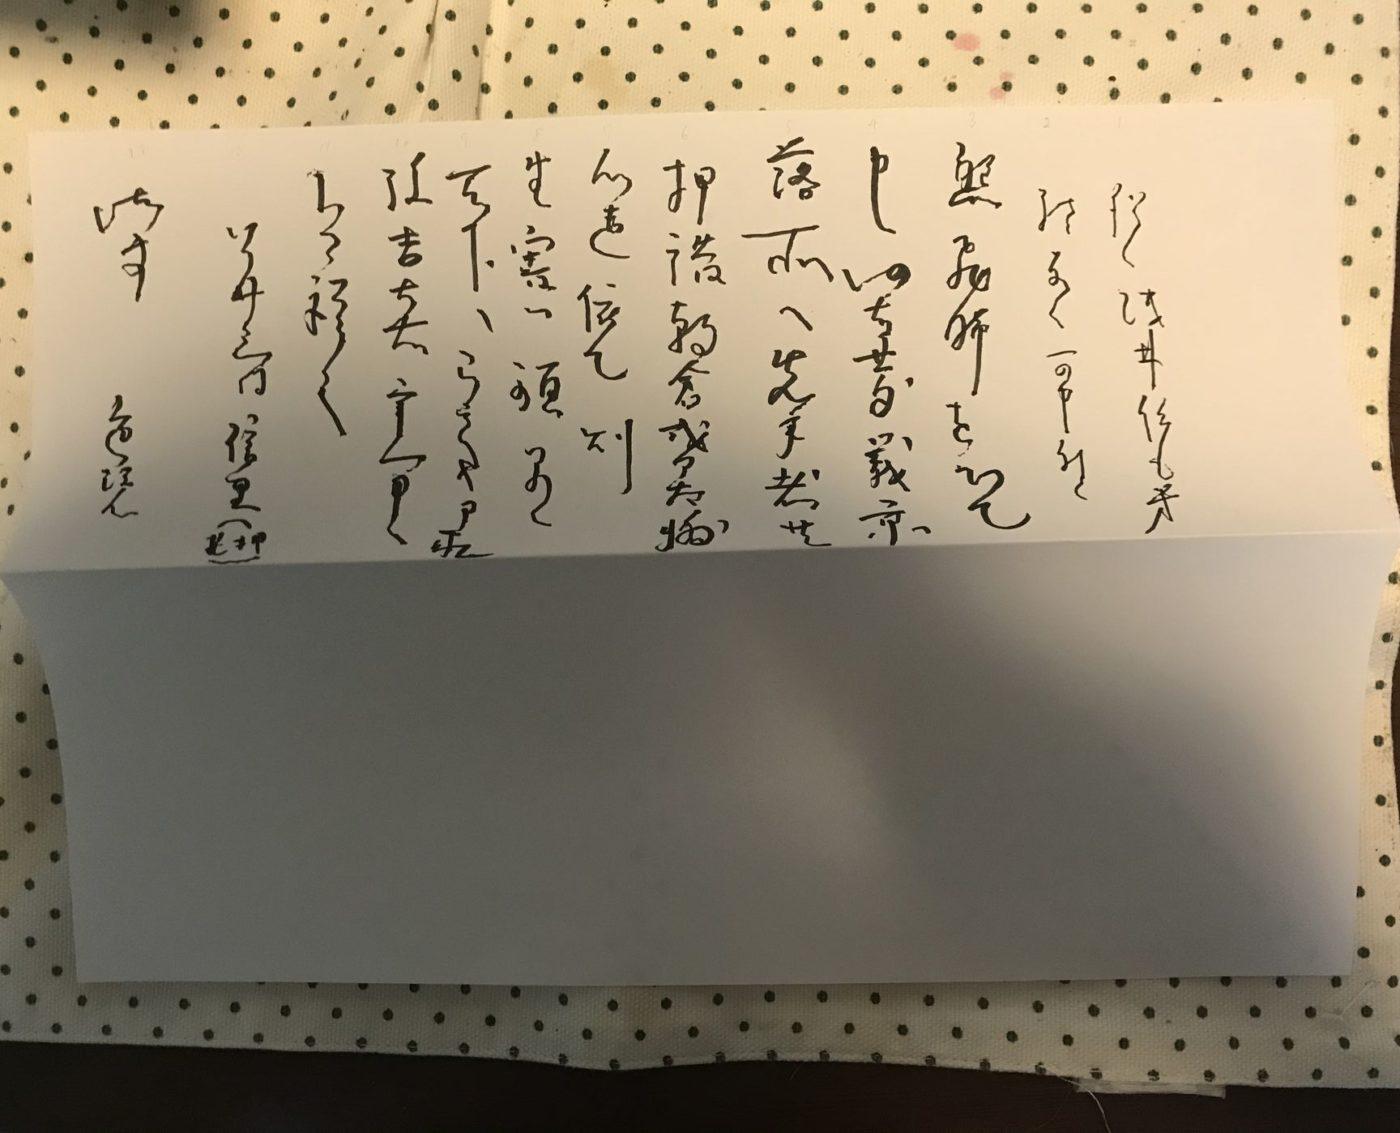 書状の封じ002(折り紙切封上書)